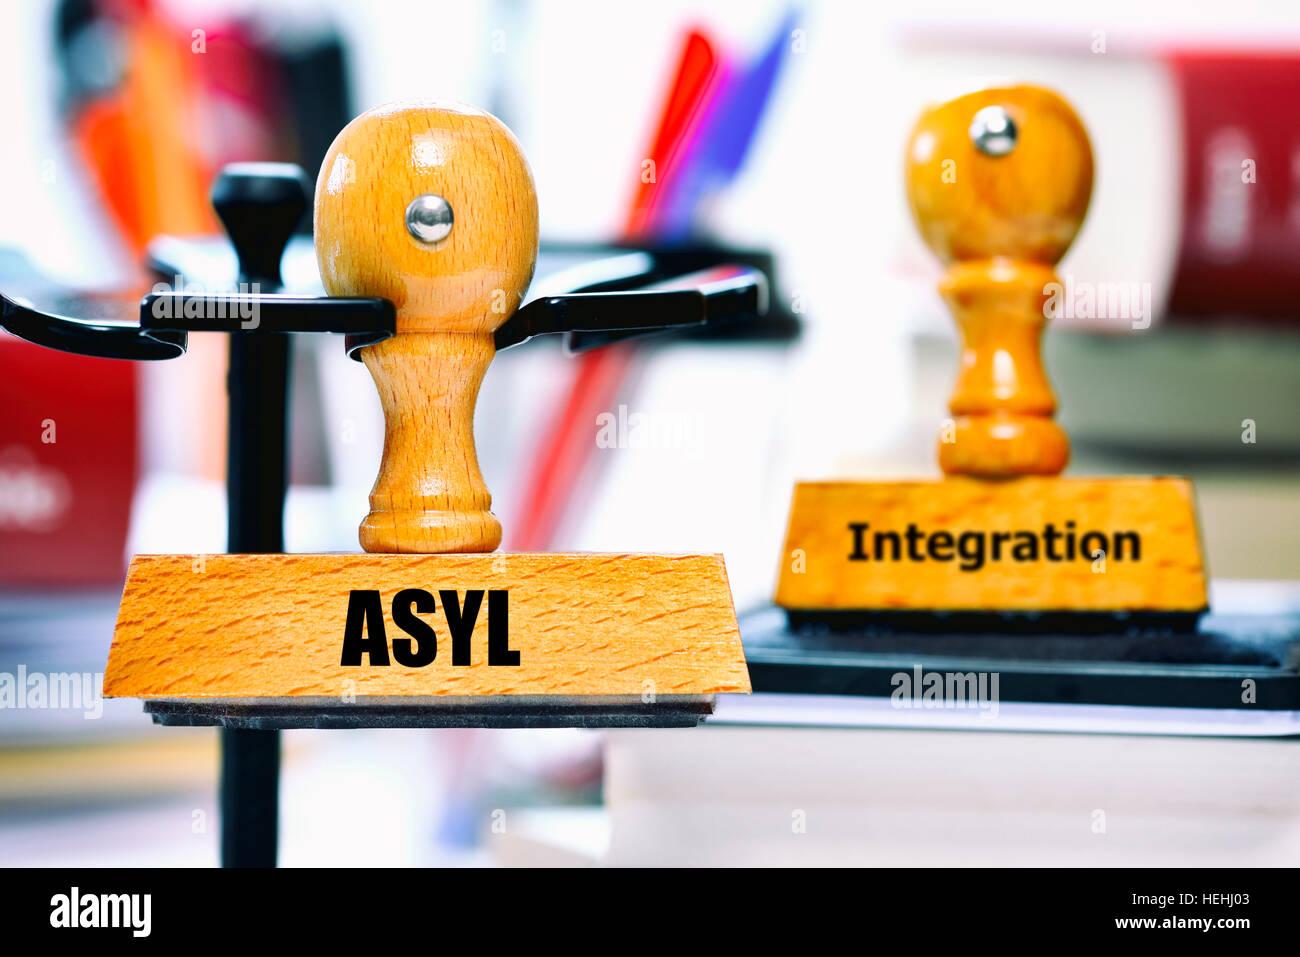 Stempel mit der Aufschrift Asyl und Integration - Stock Image